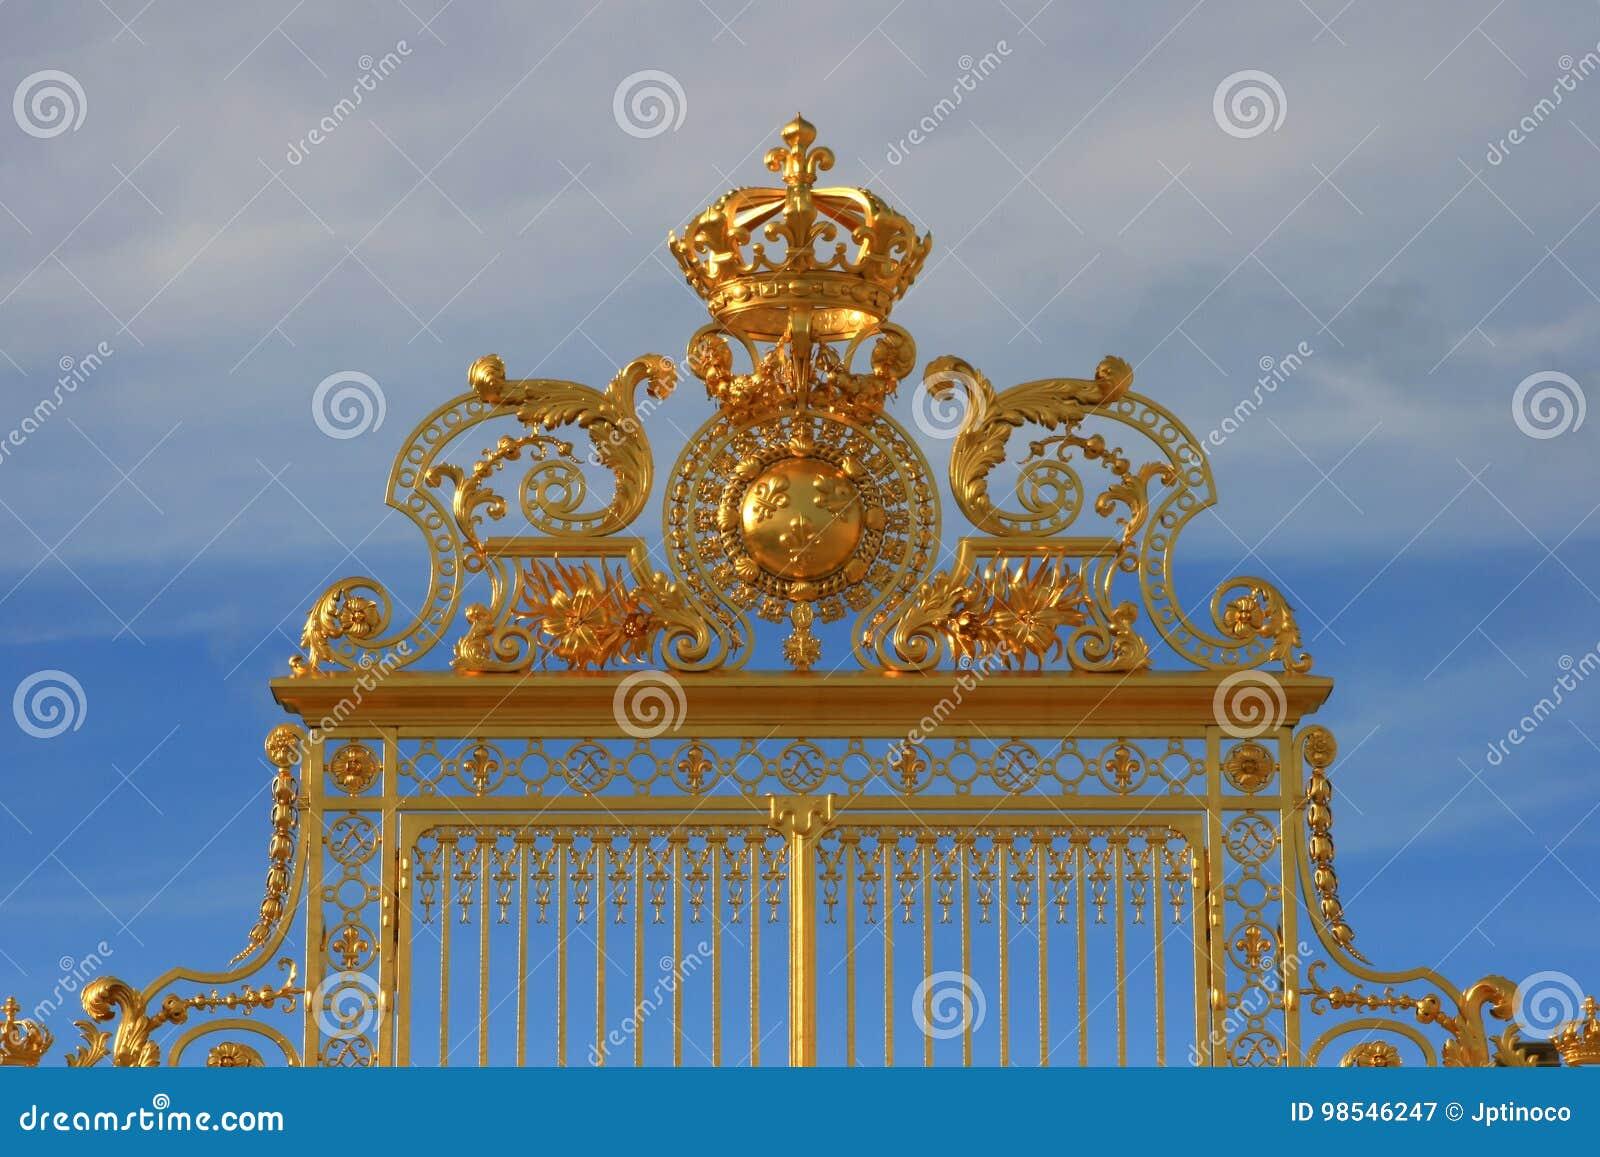 La porte d or du palais de Versailles, France